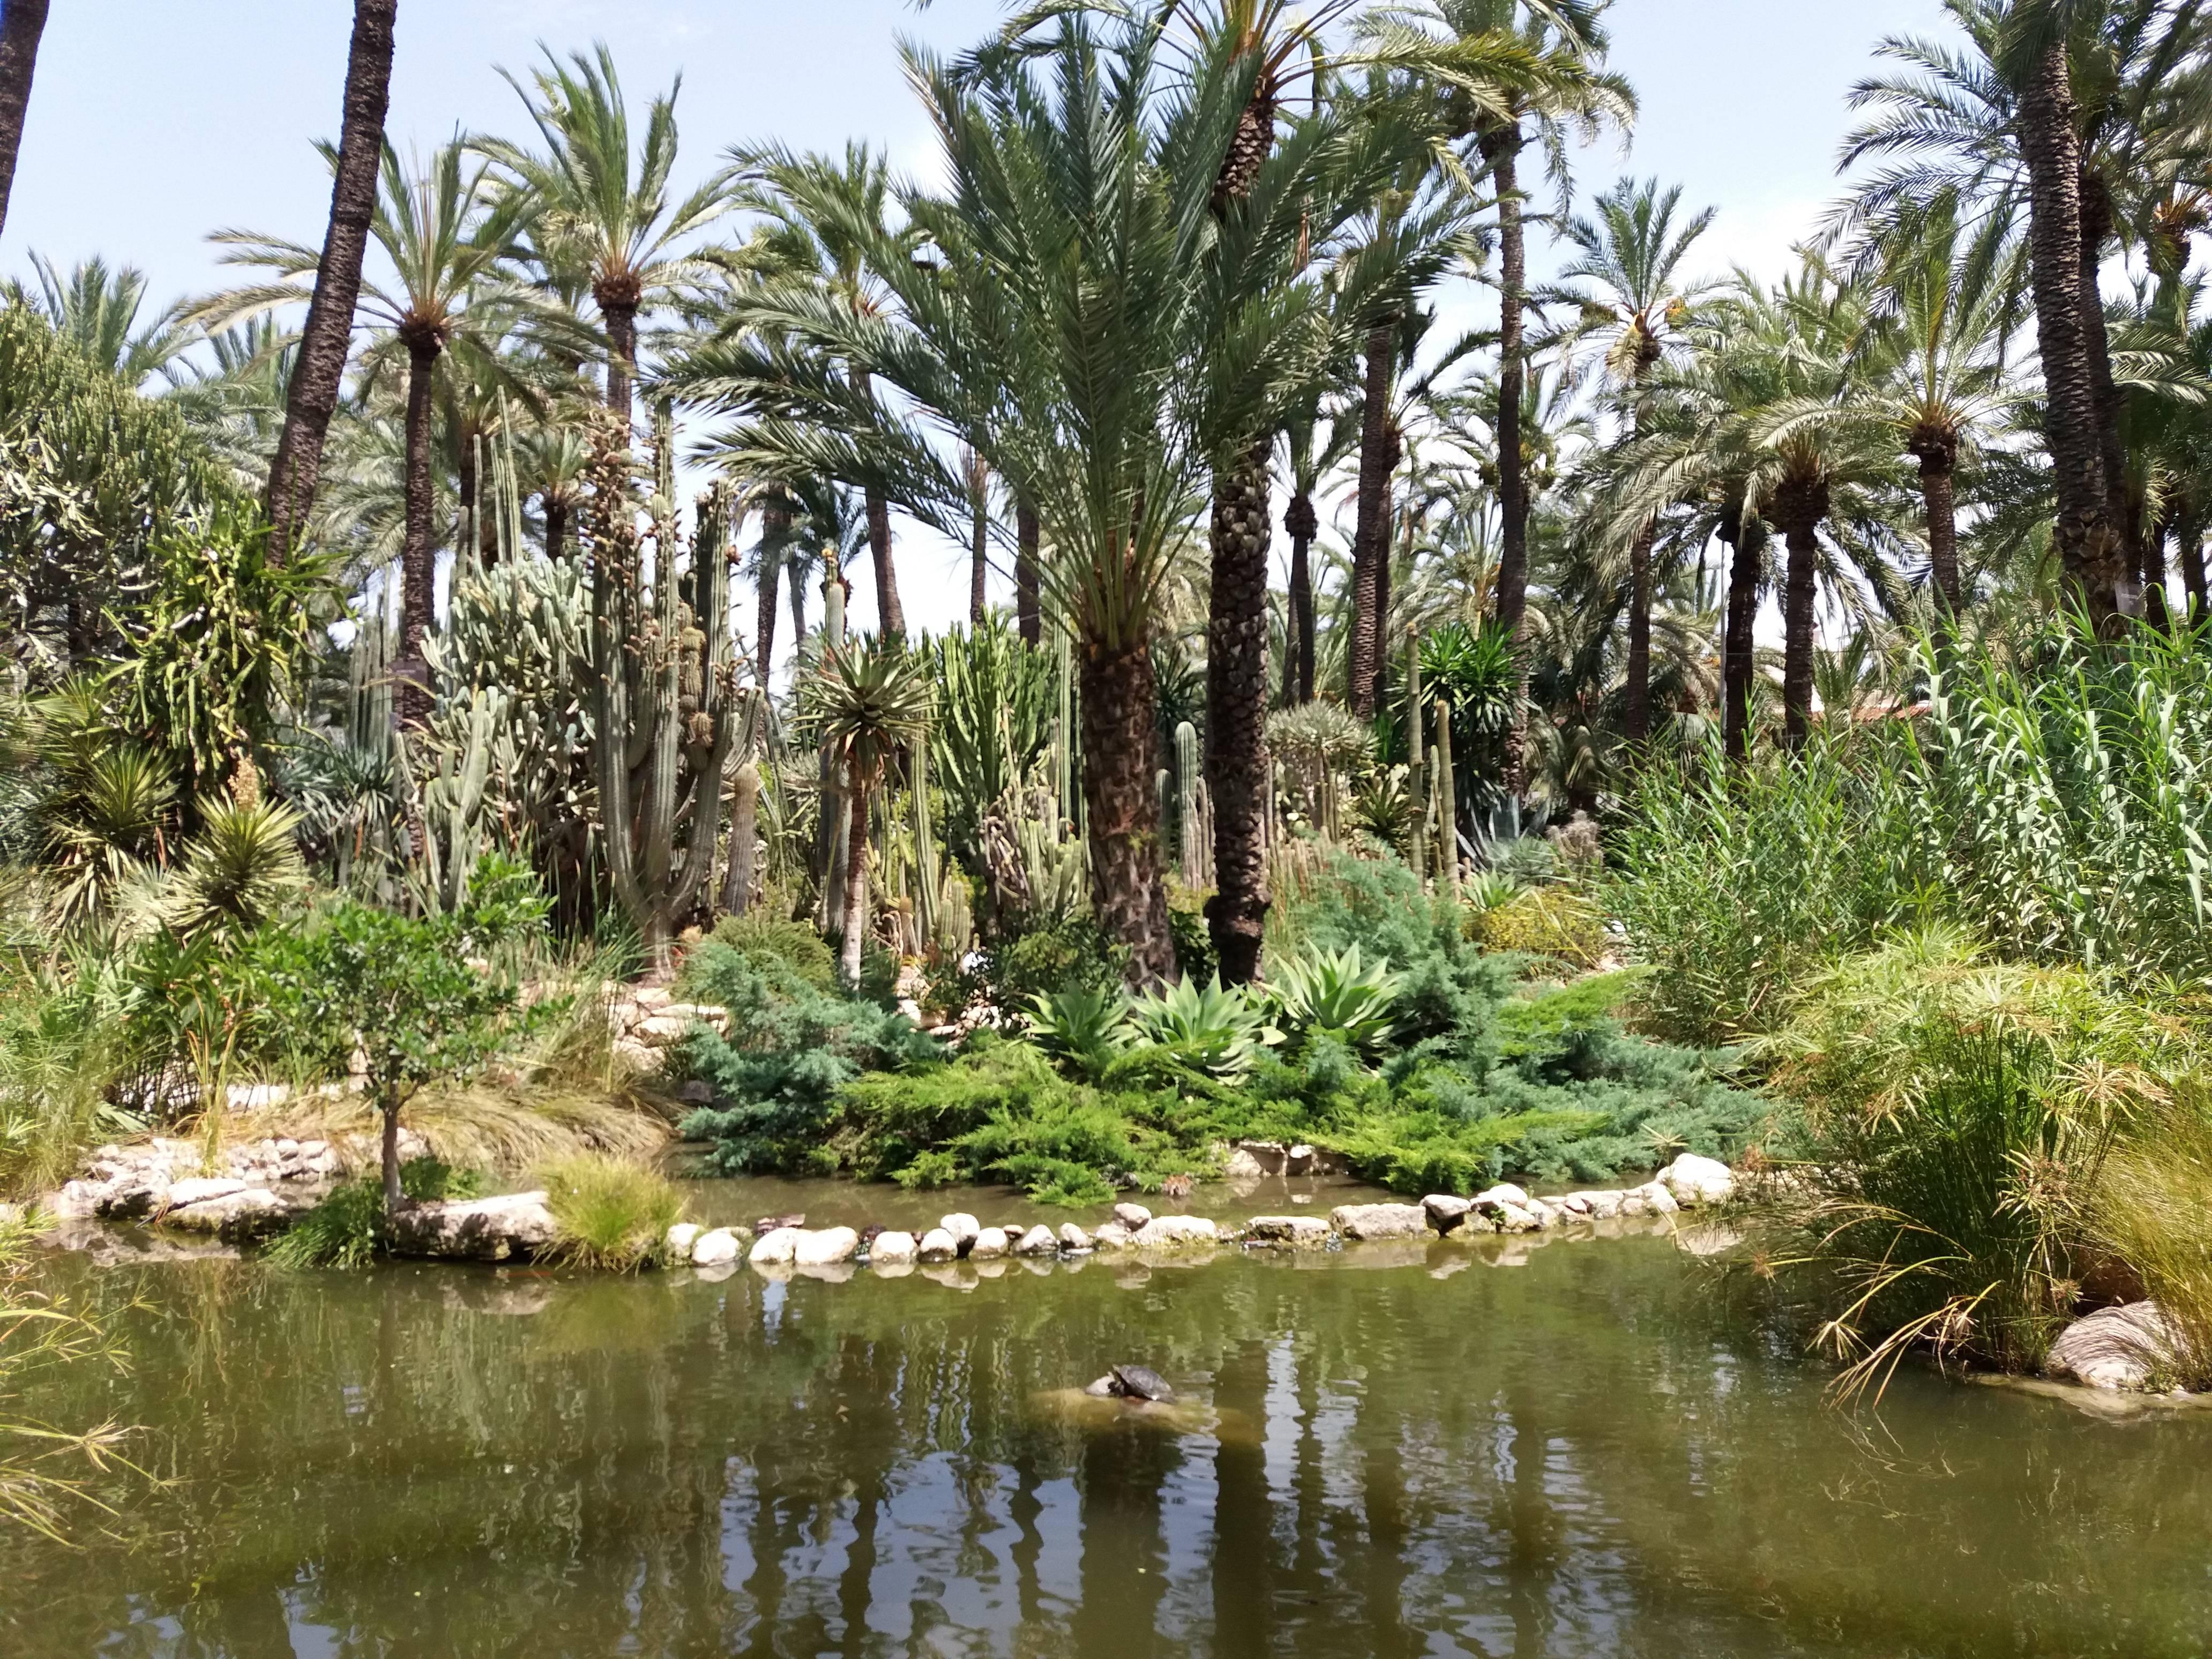 Photo 2: Elche - El jardin del cura - Un endroit impressionnant